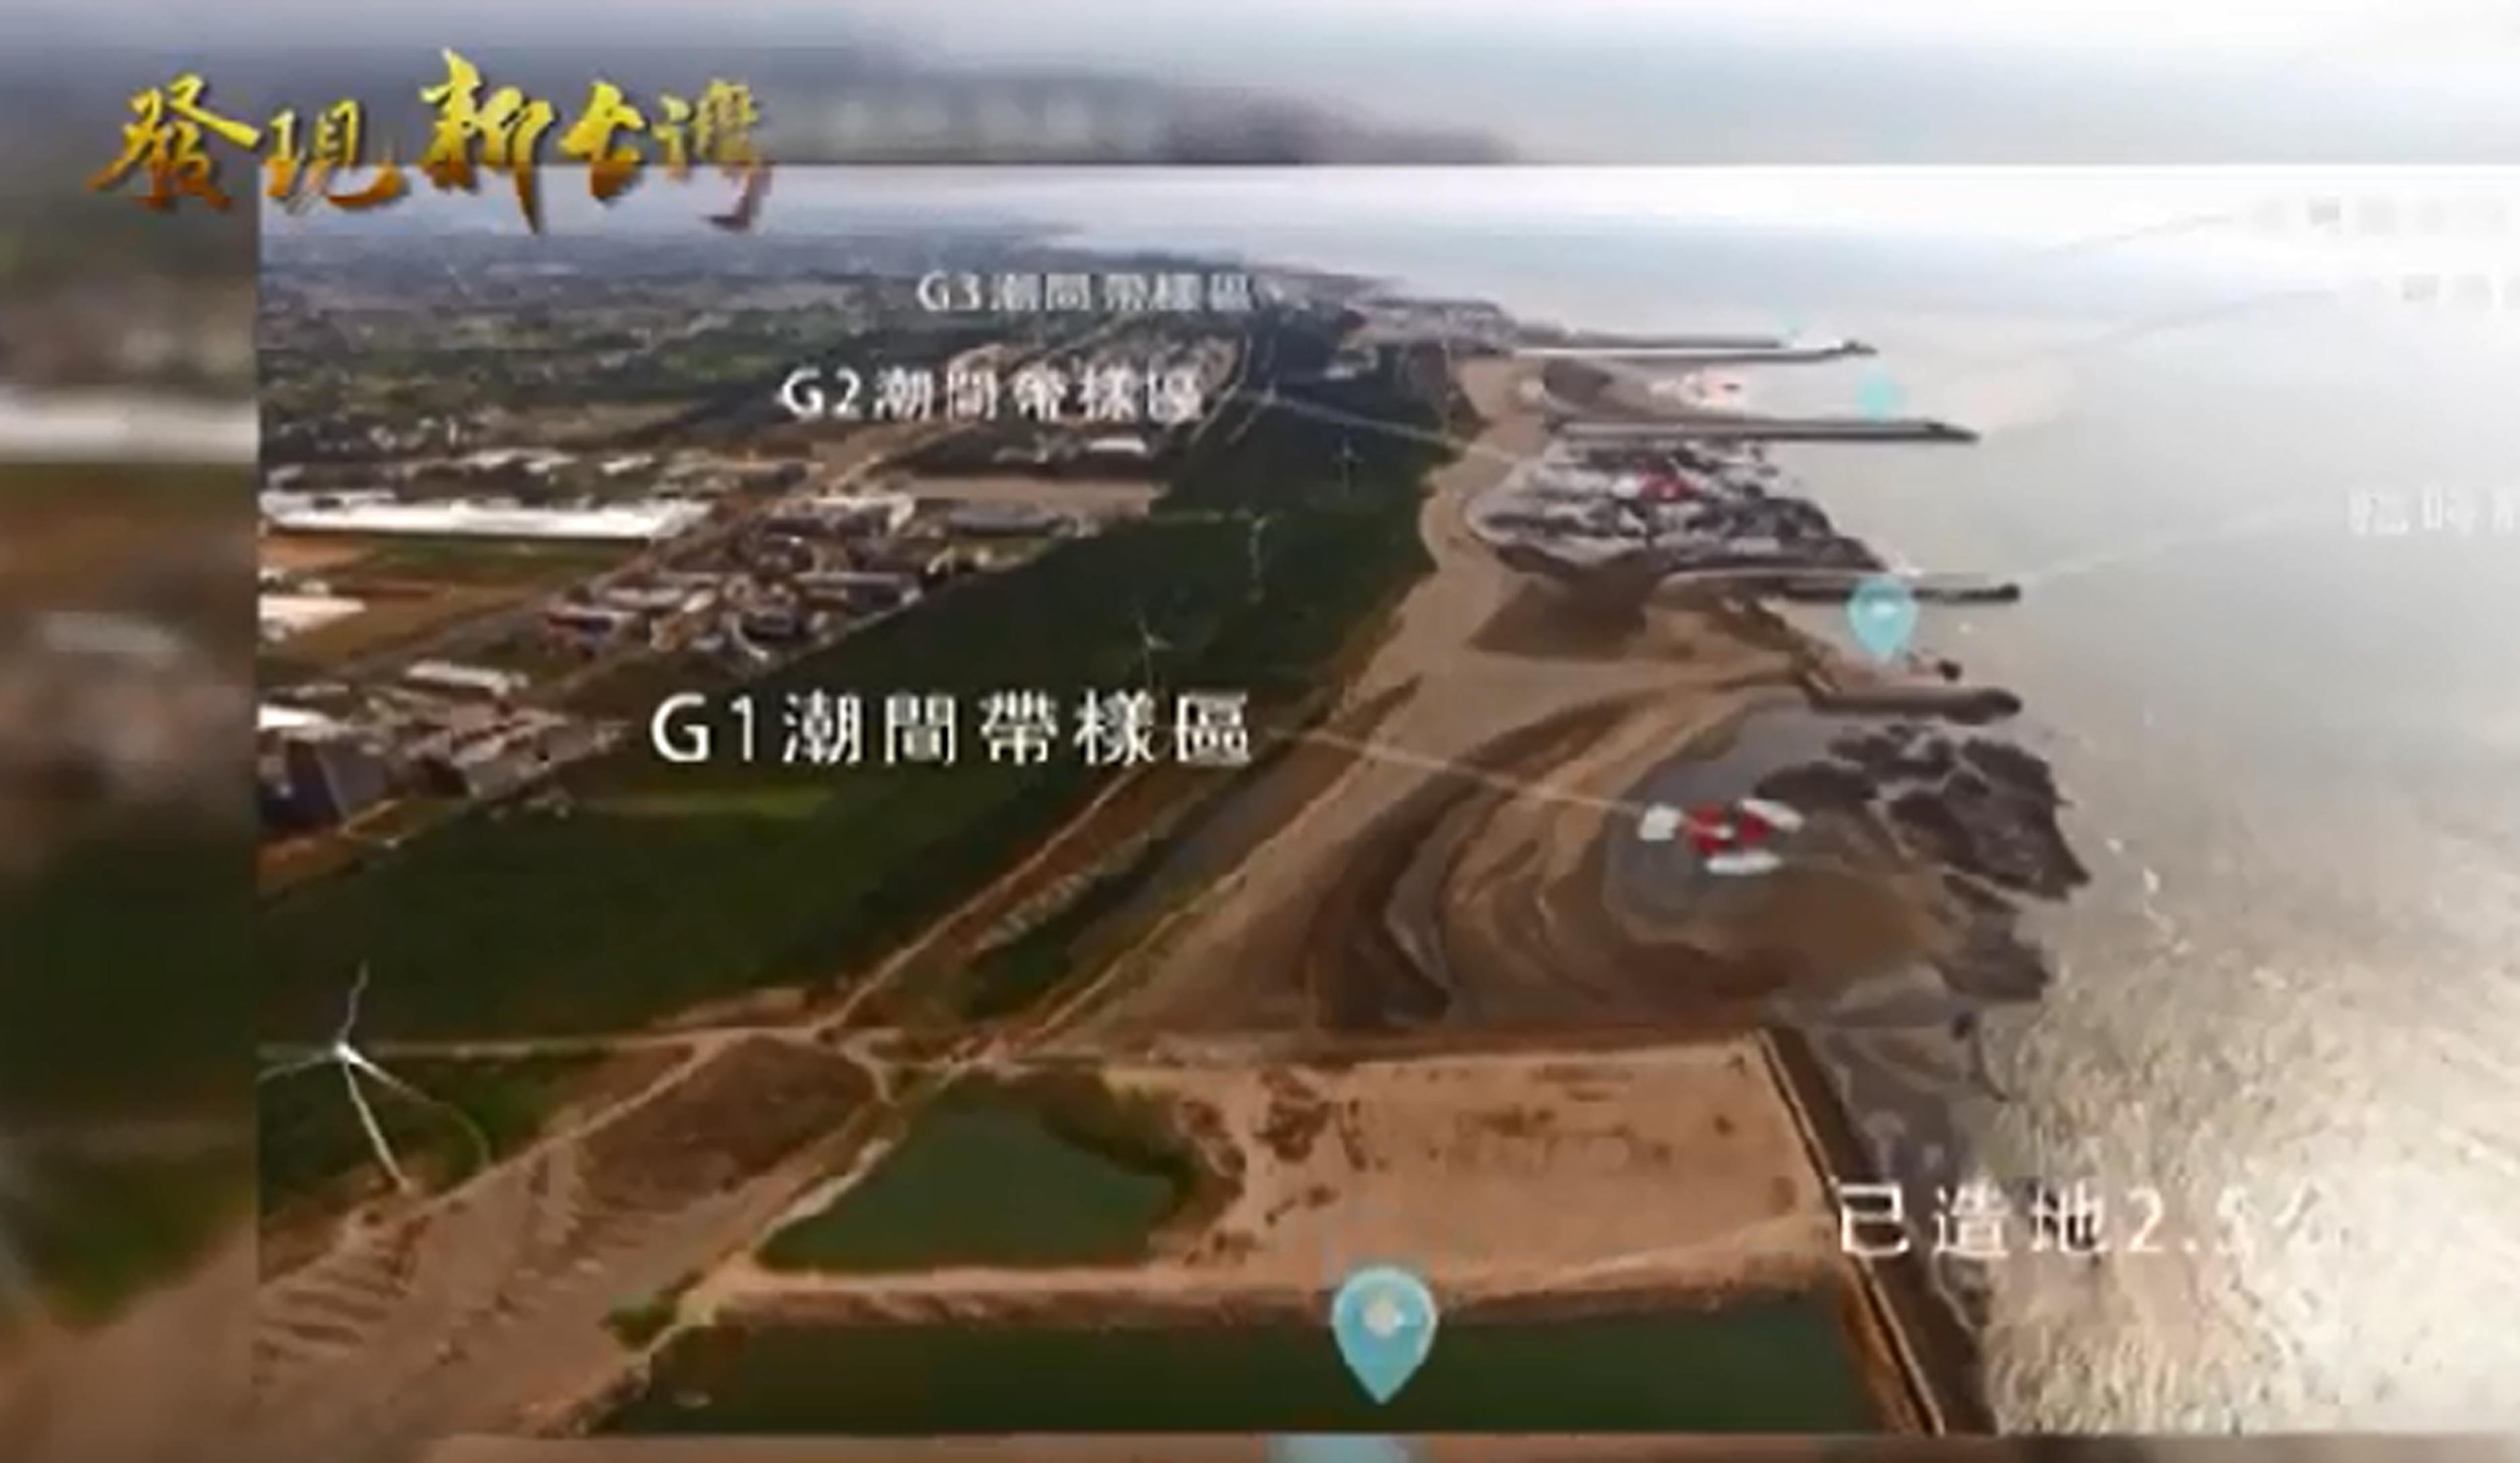 發現新台灣 第三座液化天然氣接收站